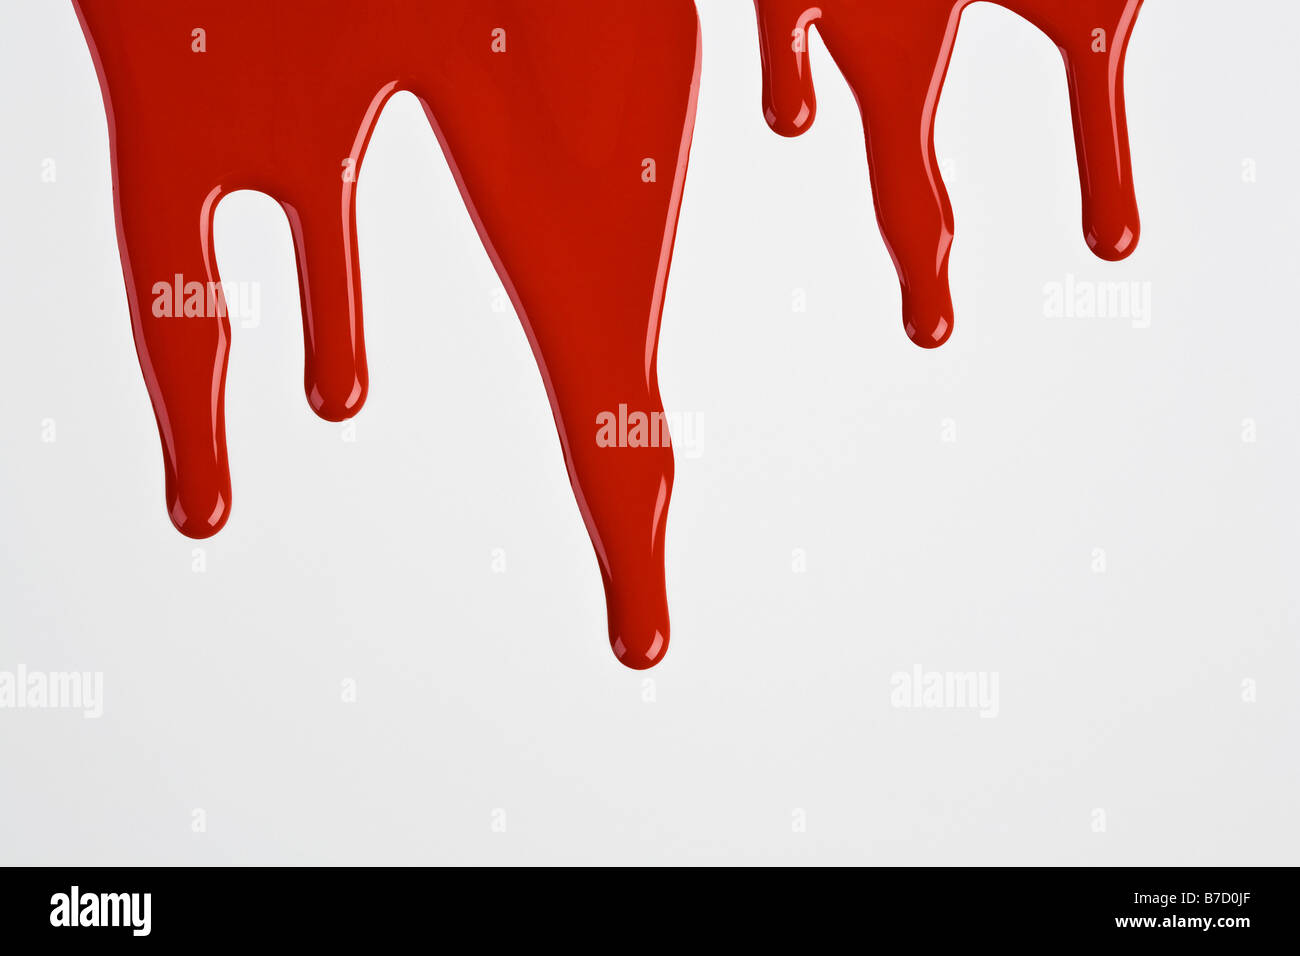 Rote Farbe tropfte eine weiße Wand Stockfoto